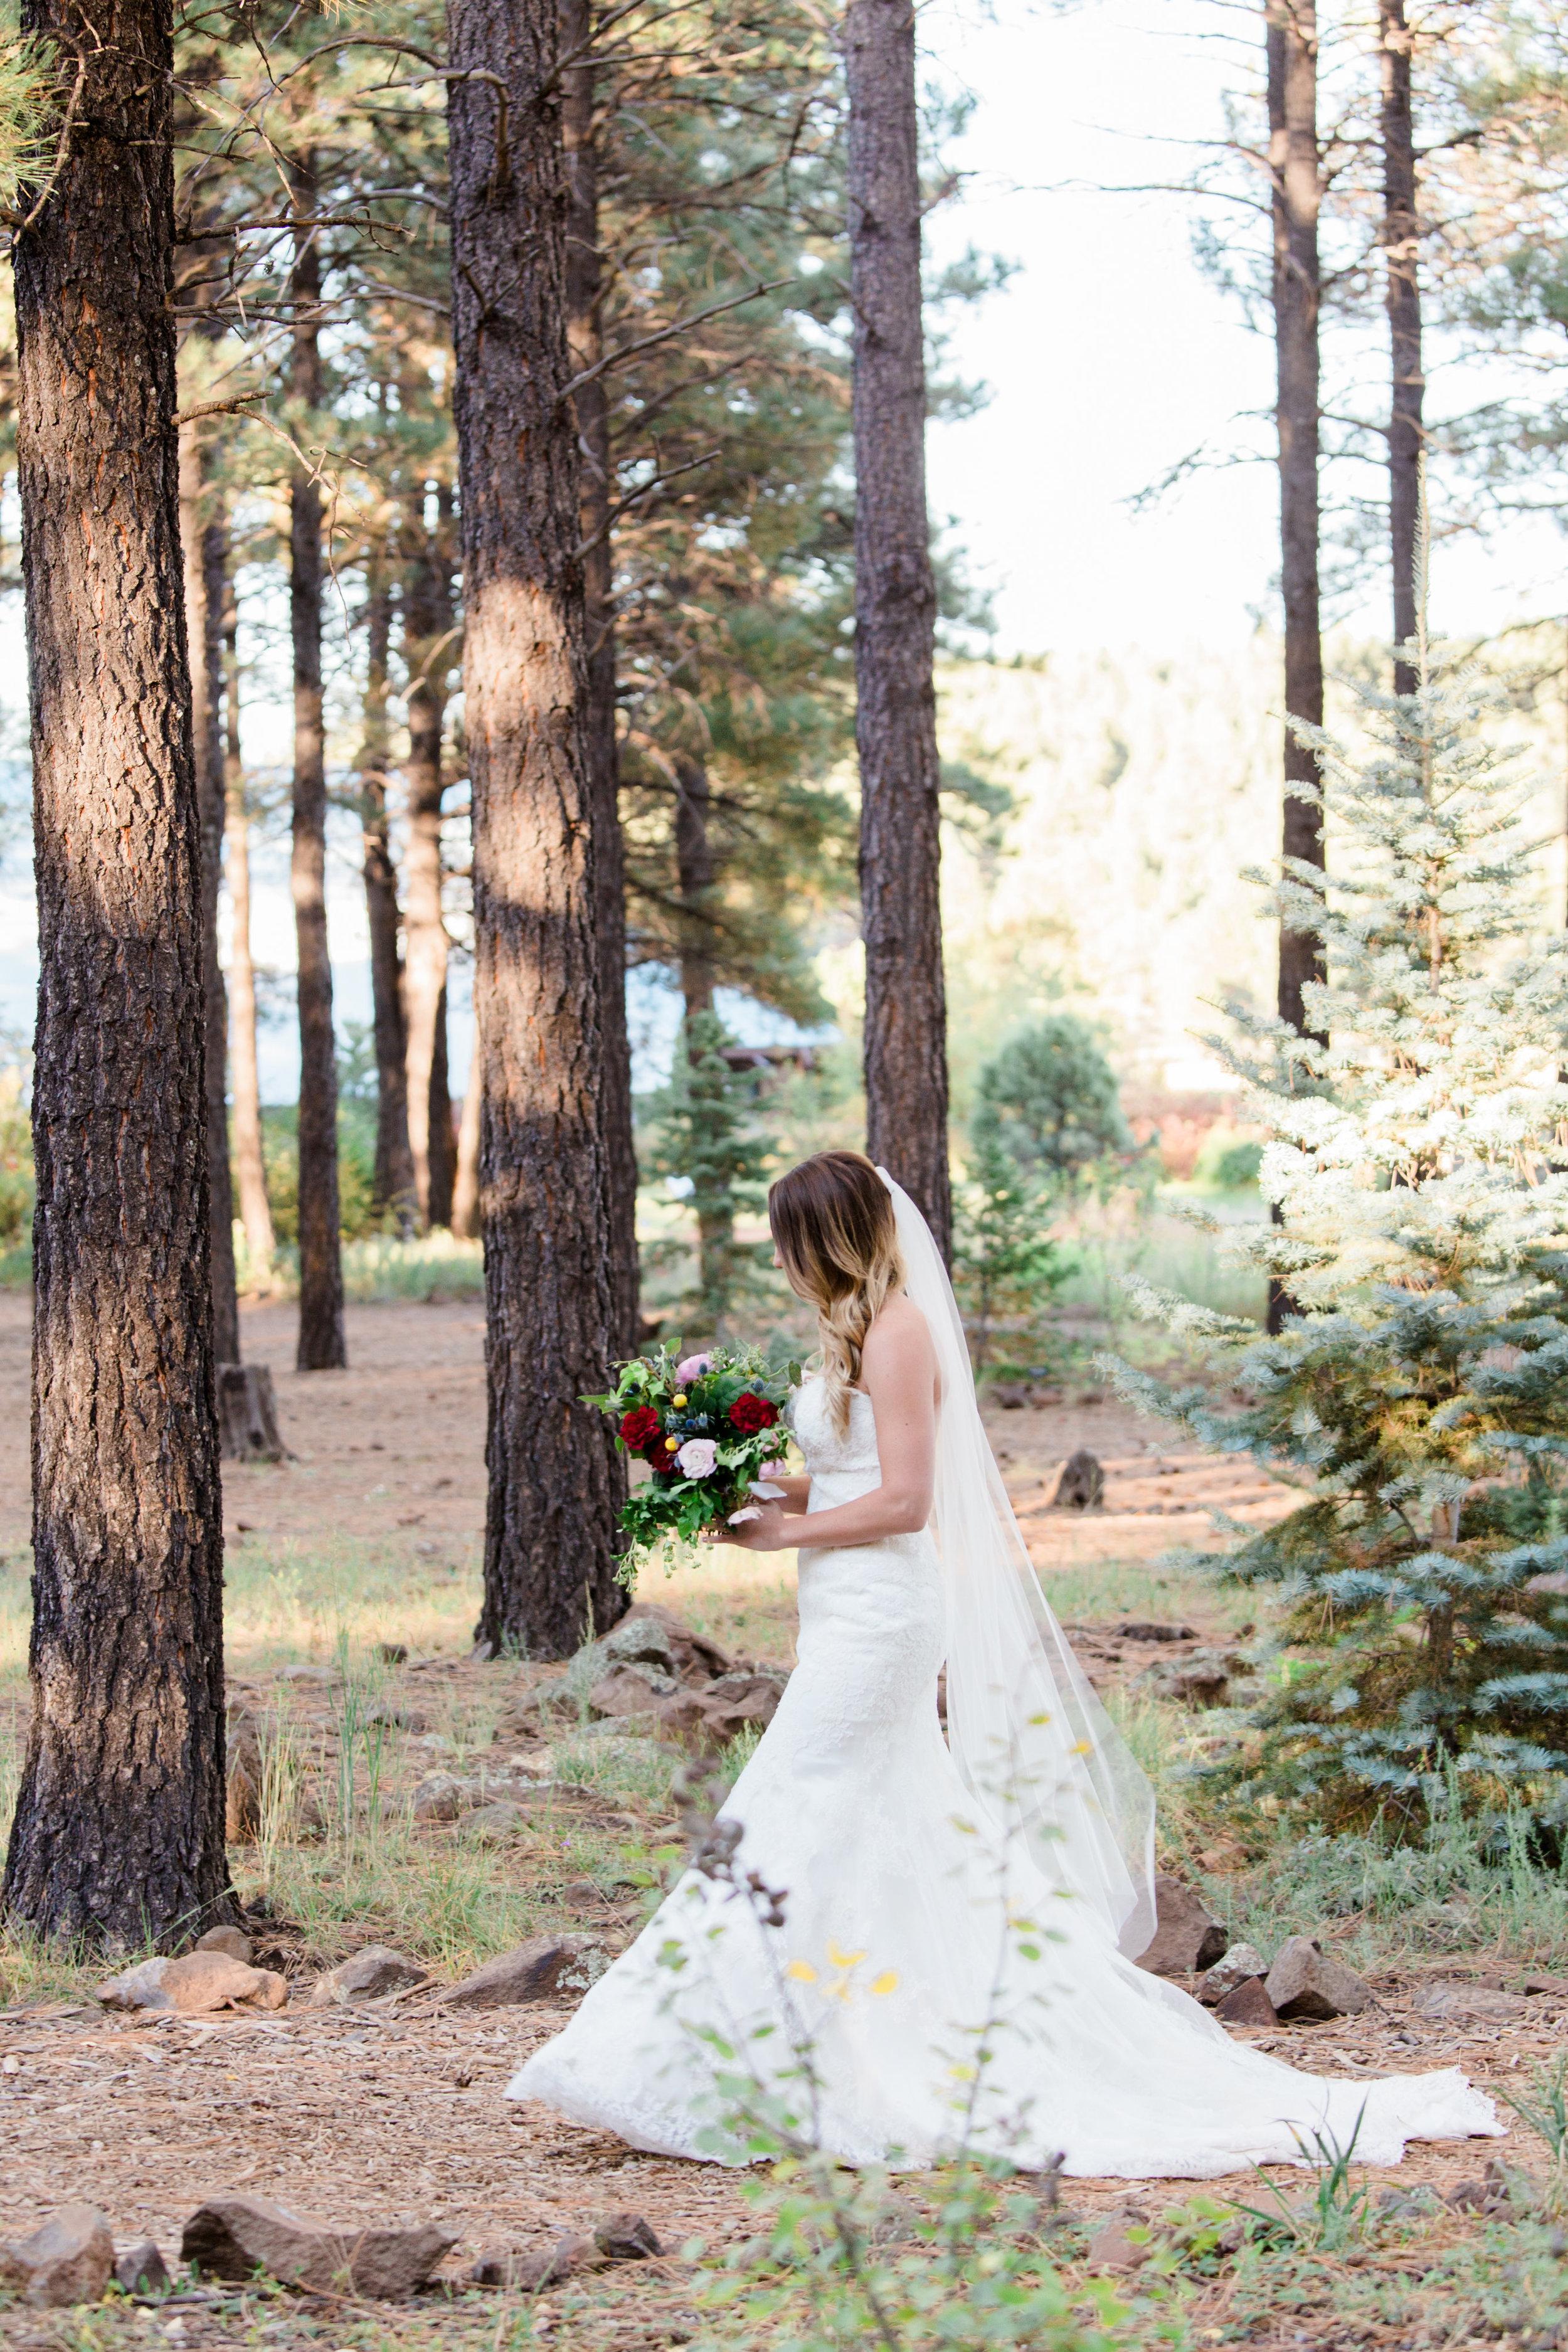 Flagstaff Forest Wedding - Bride